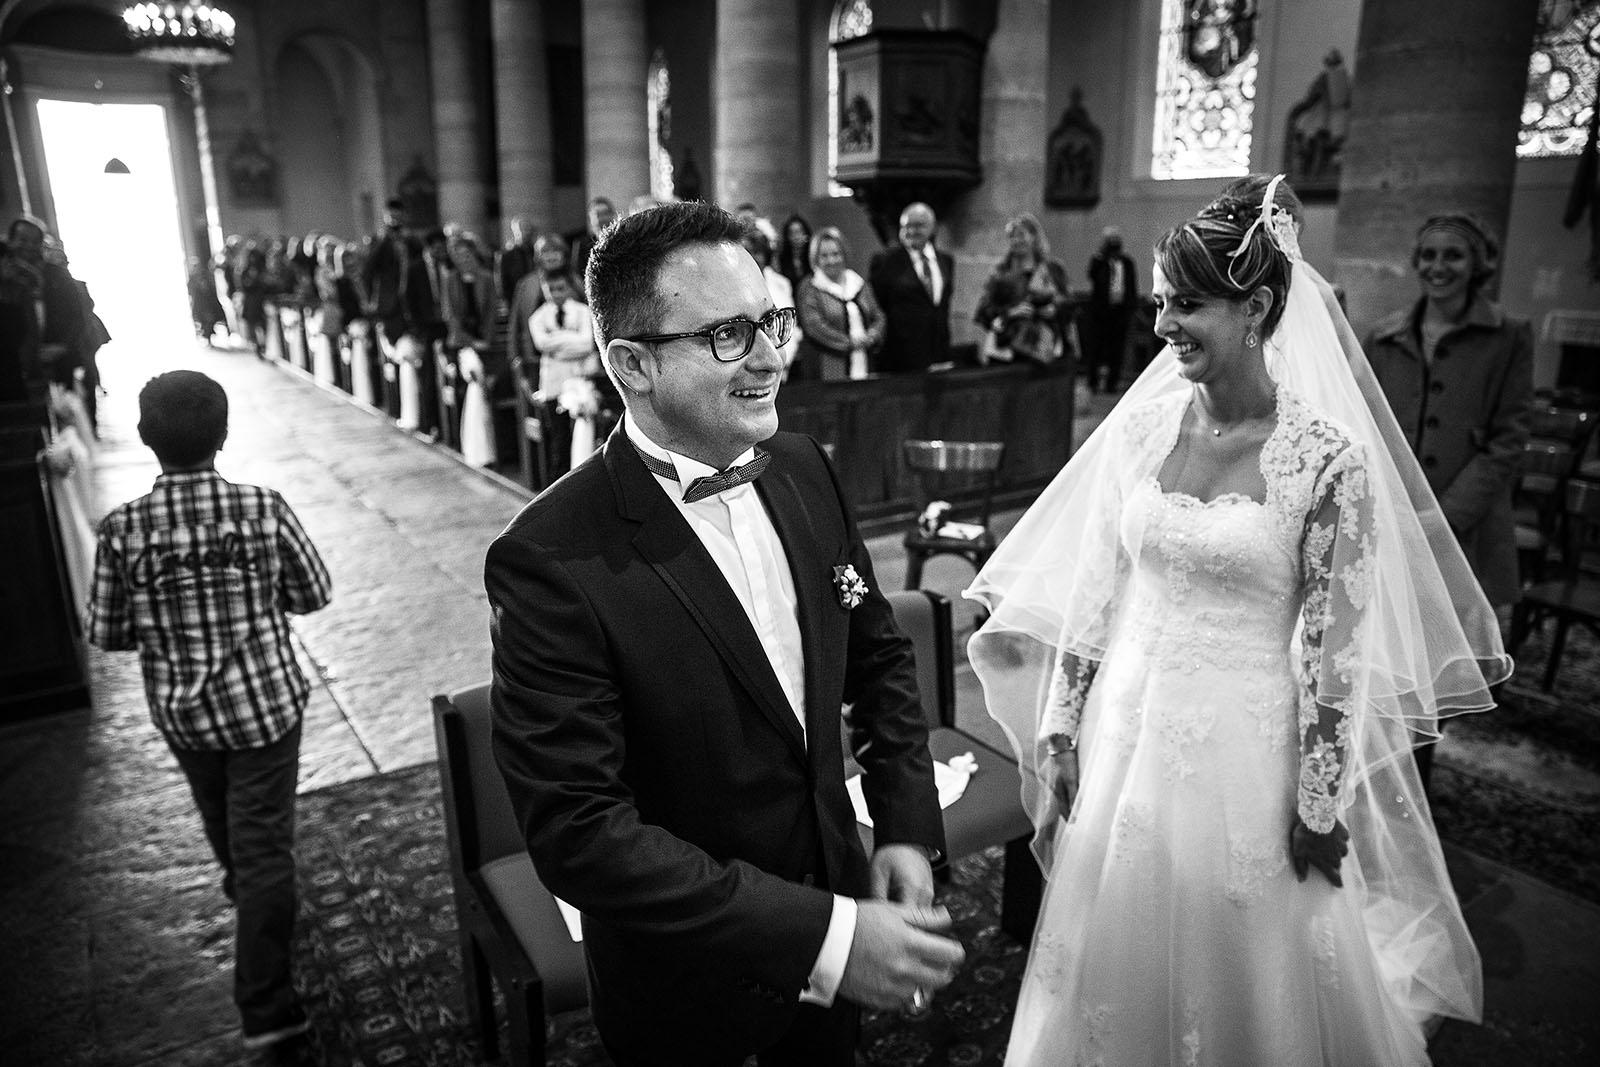 photographe mariage chalon sur saone clos des tourelles - Photographe Mariage Chalon Sur Saone